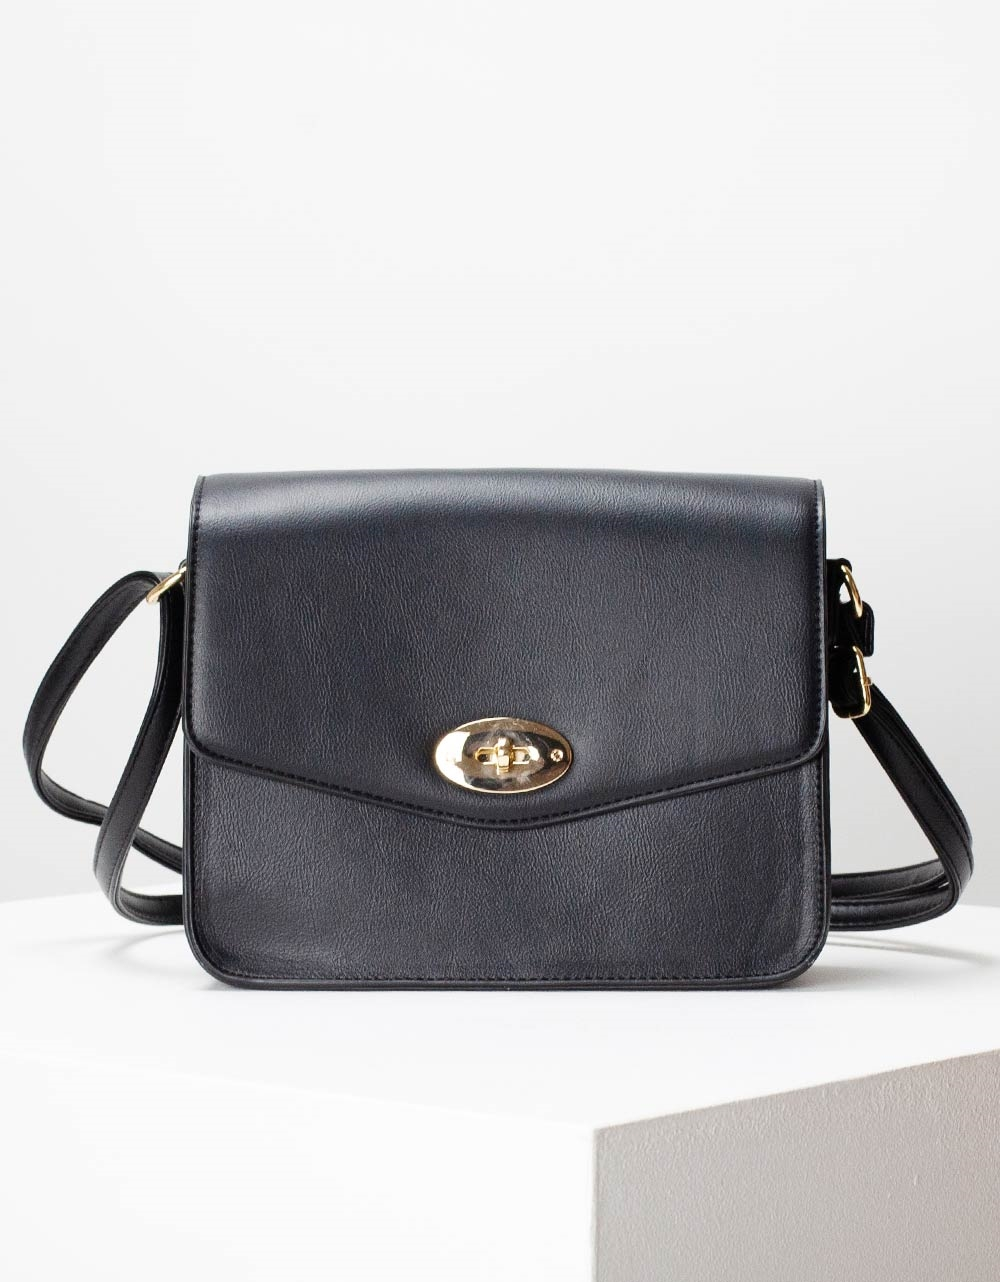 Εικόνα από Γυναικεία τσάντα ώμου μονόχρωμη Μαύρο